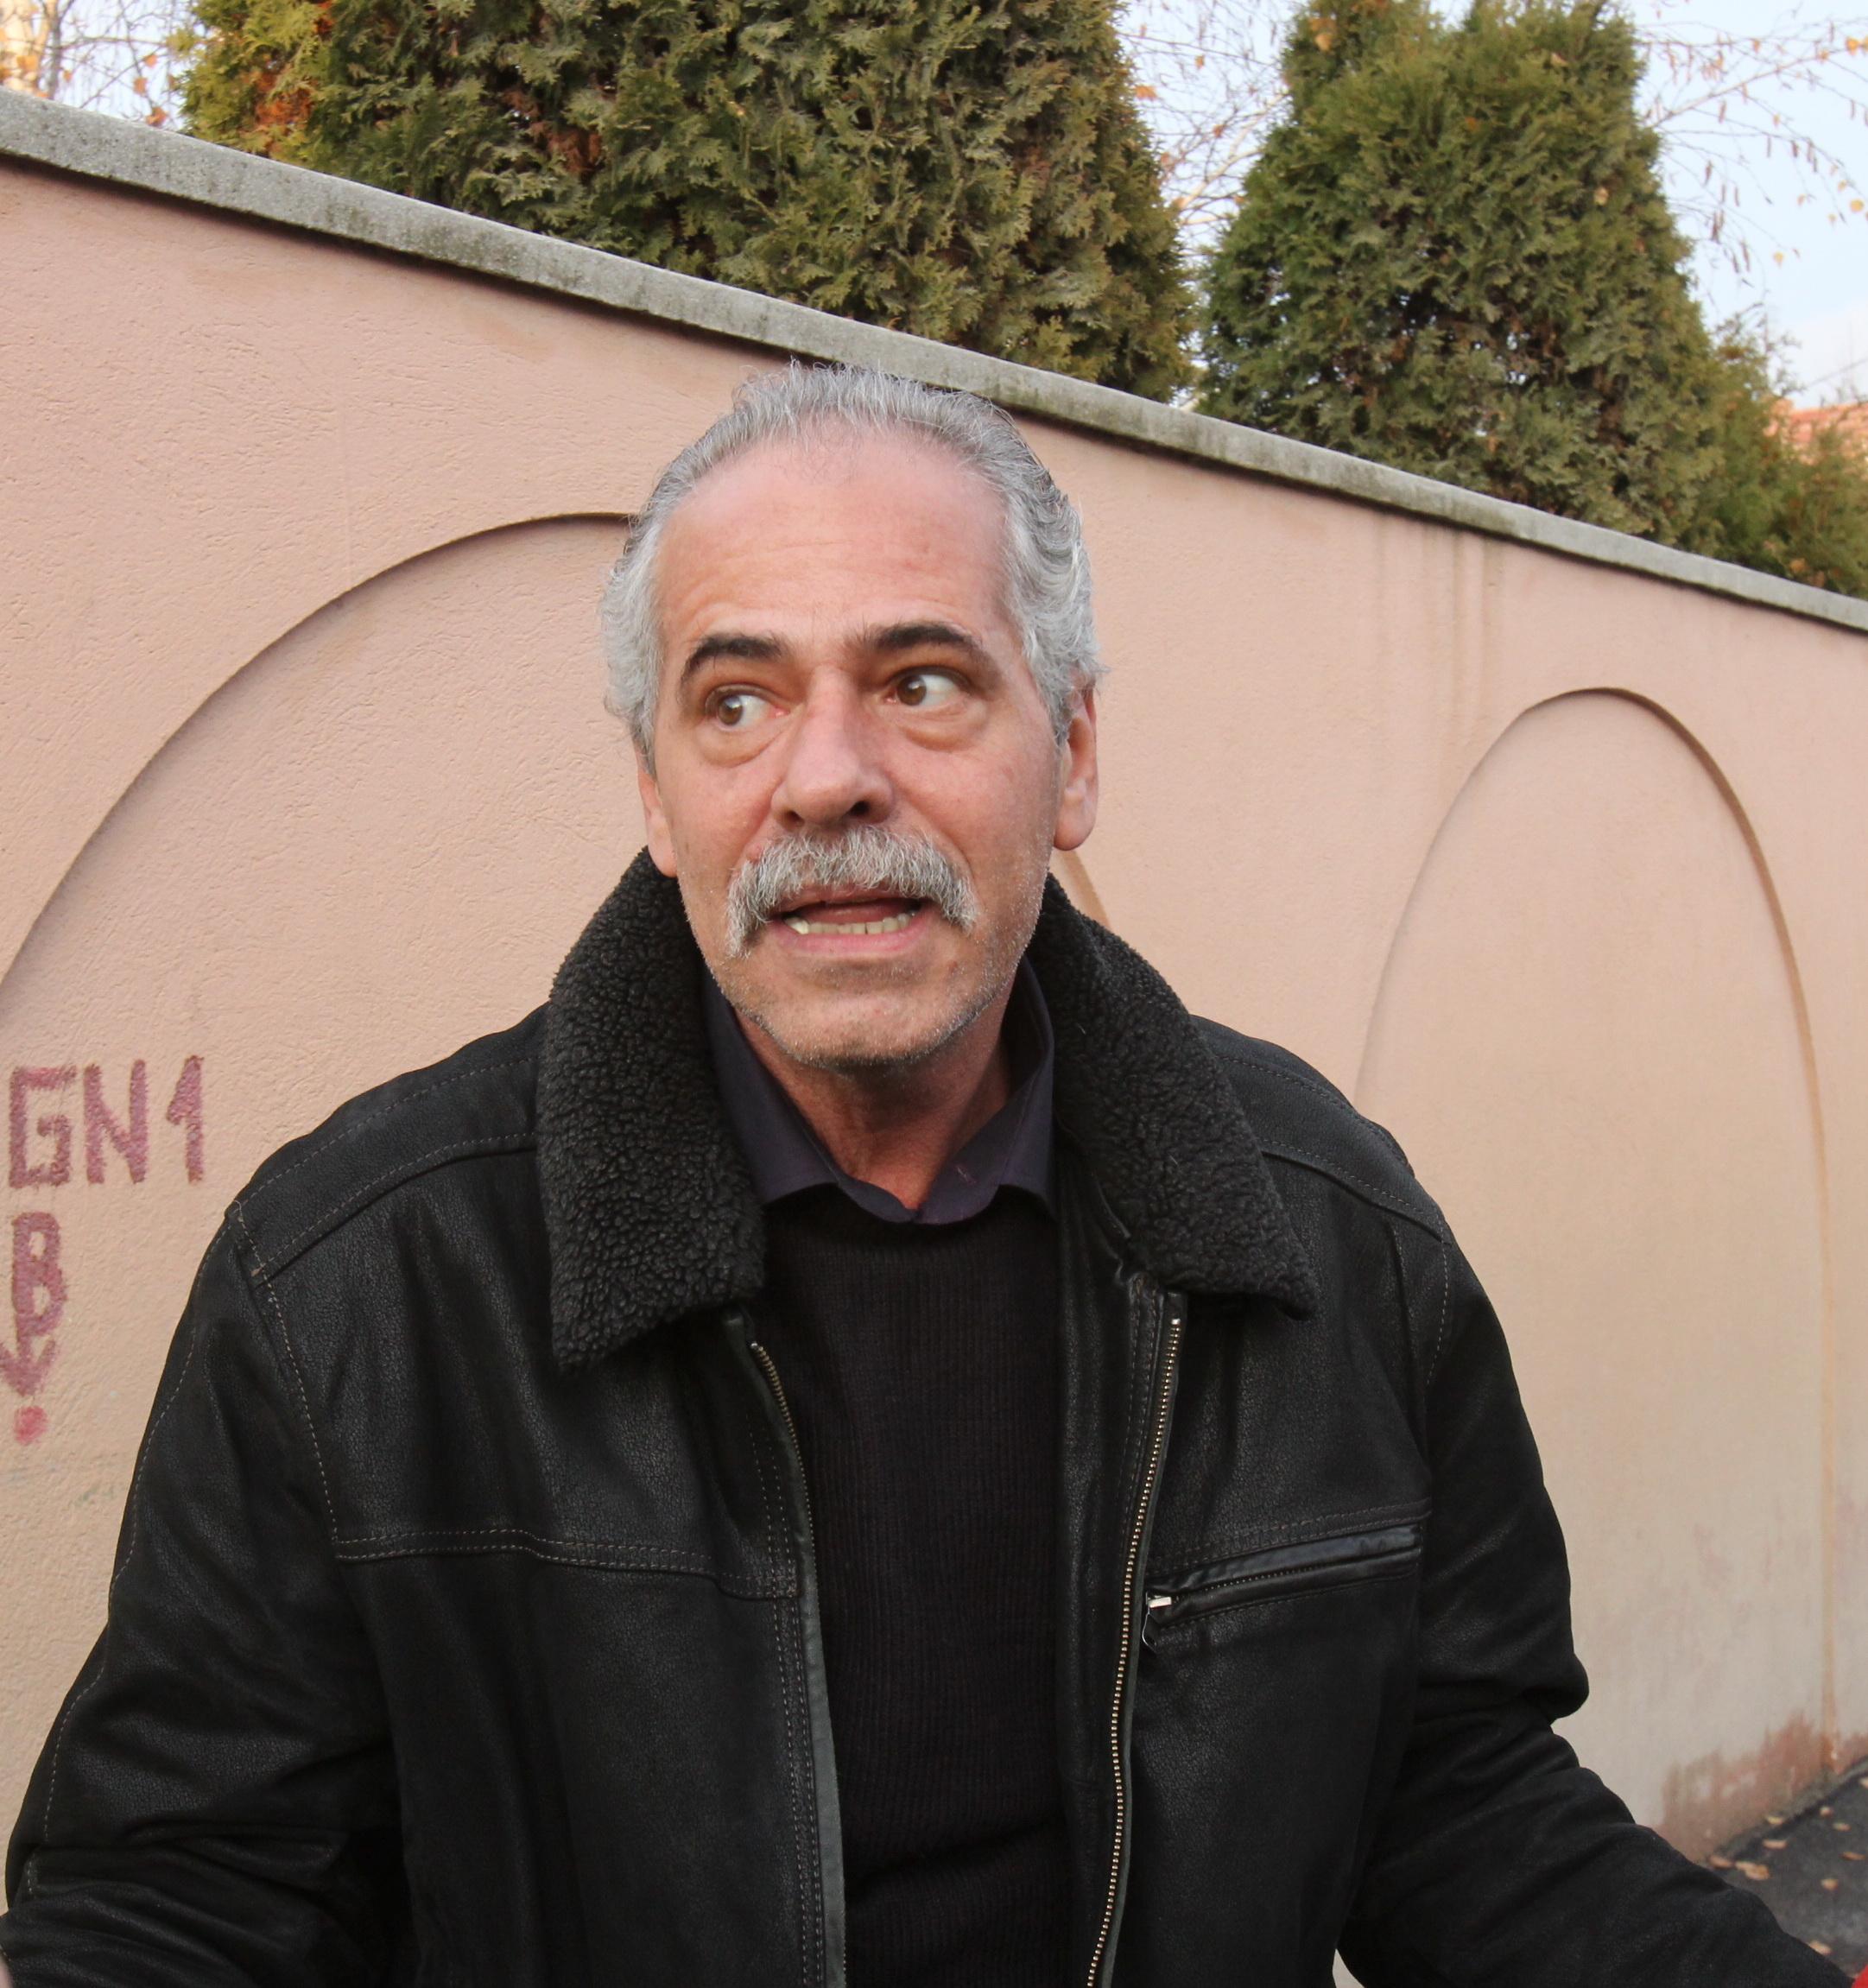 Jean Andronie spune ca vrea ca procesul fiului sau sa inceapa cat mai repede